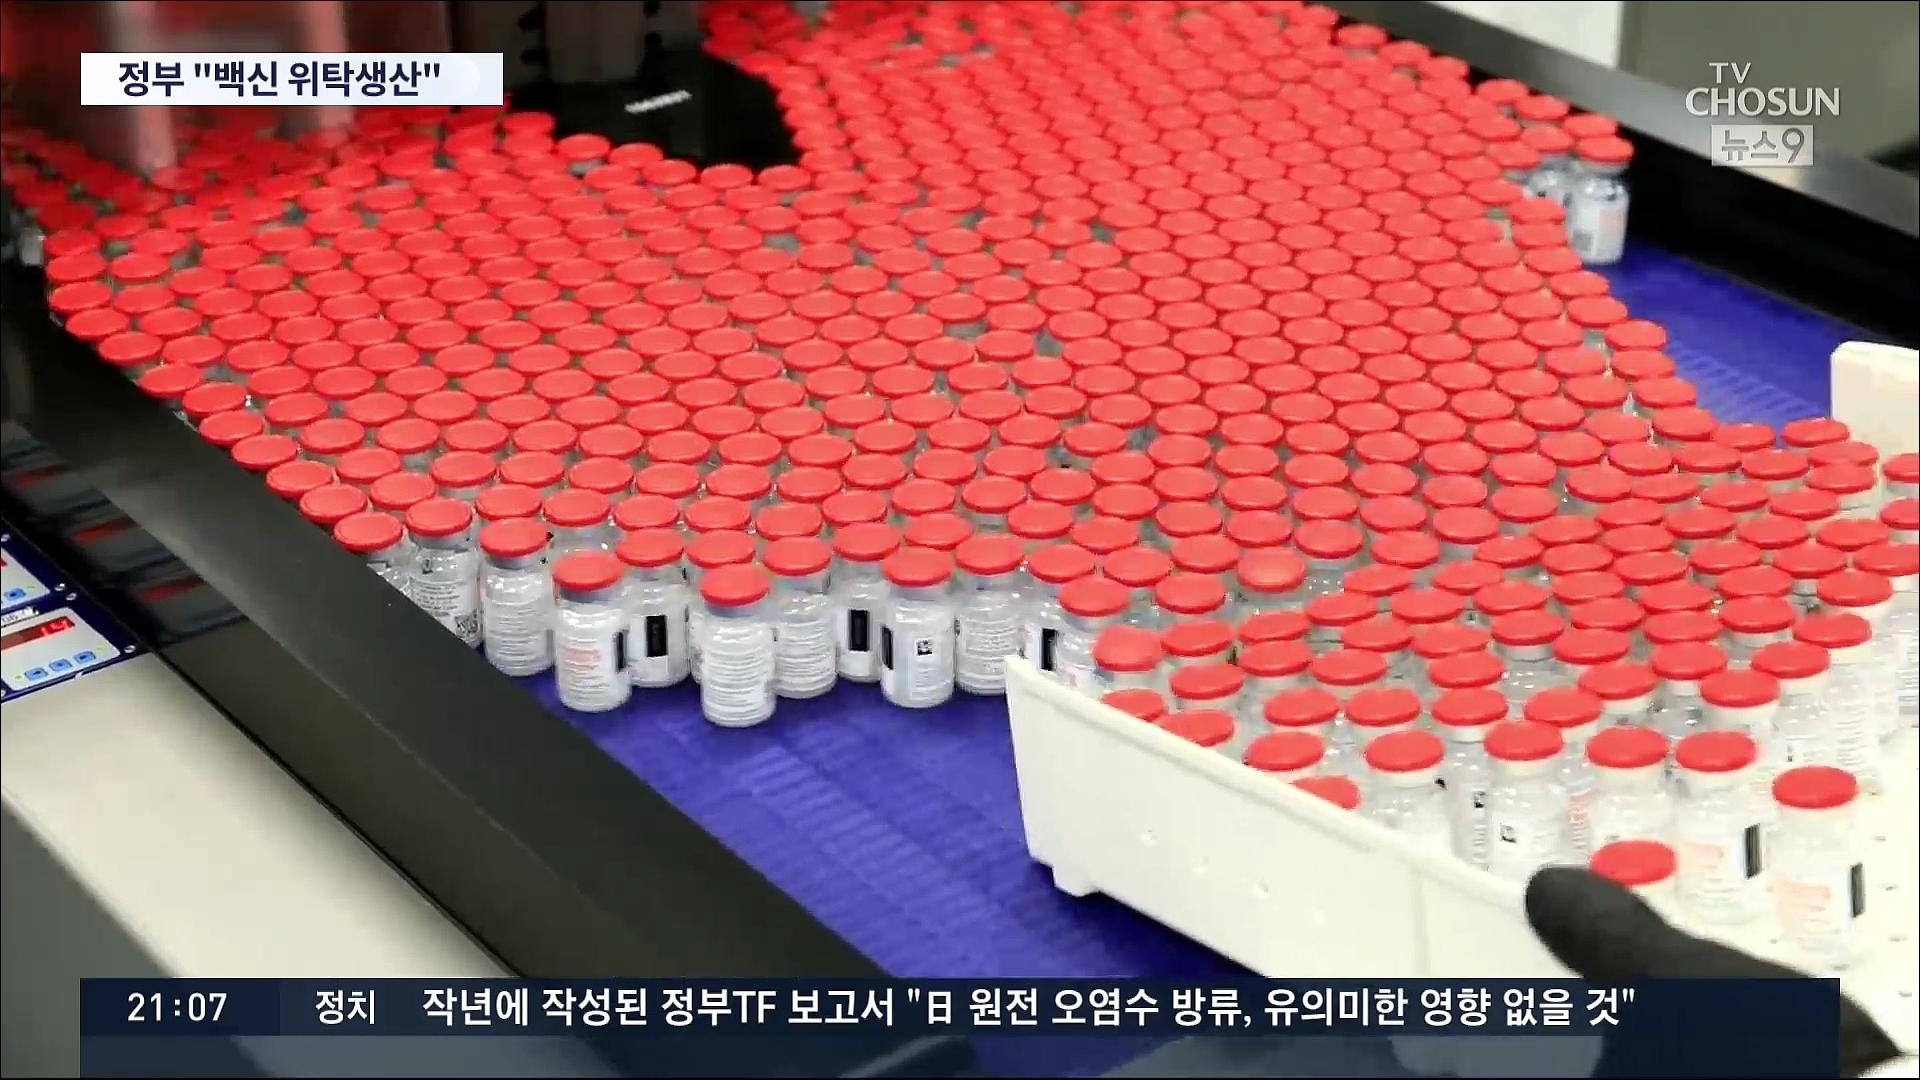 백신 수급 불안에 '위탁생산' 꺼내든 정부…제약업계 '술렁'